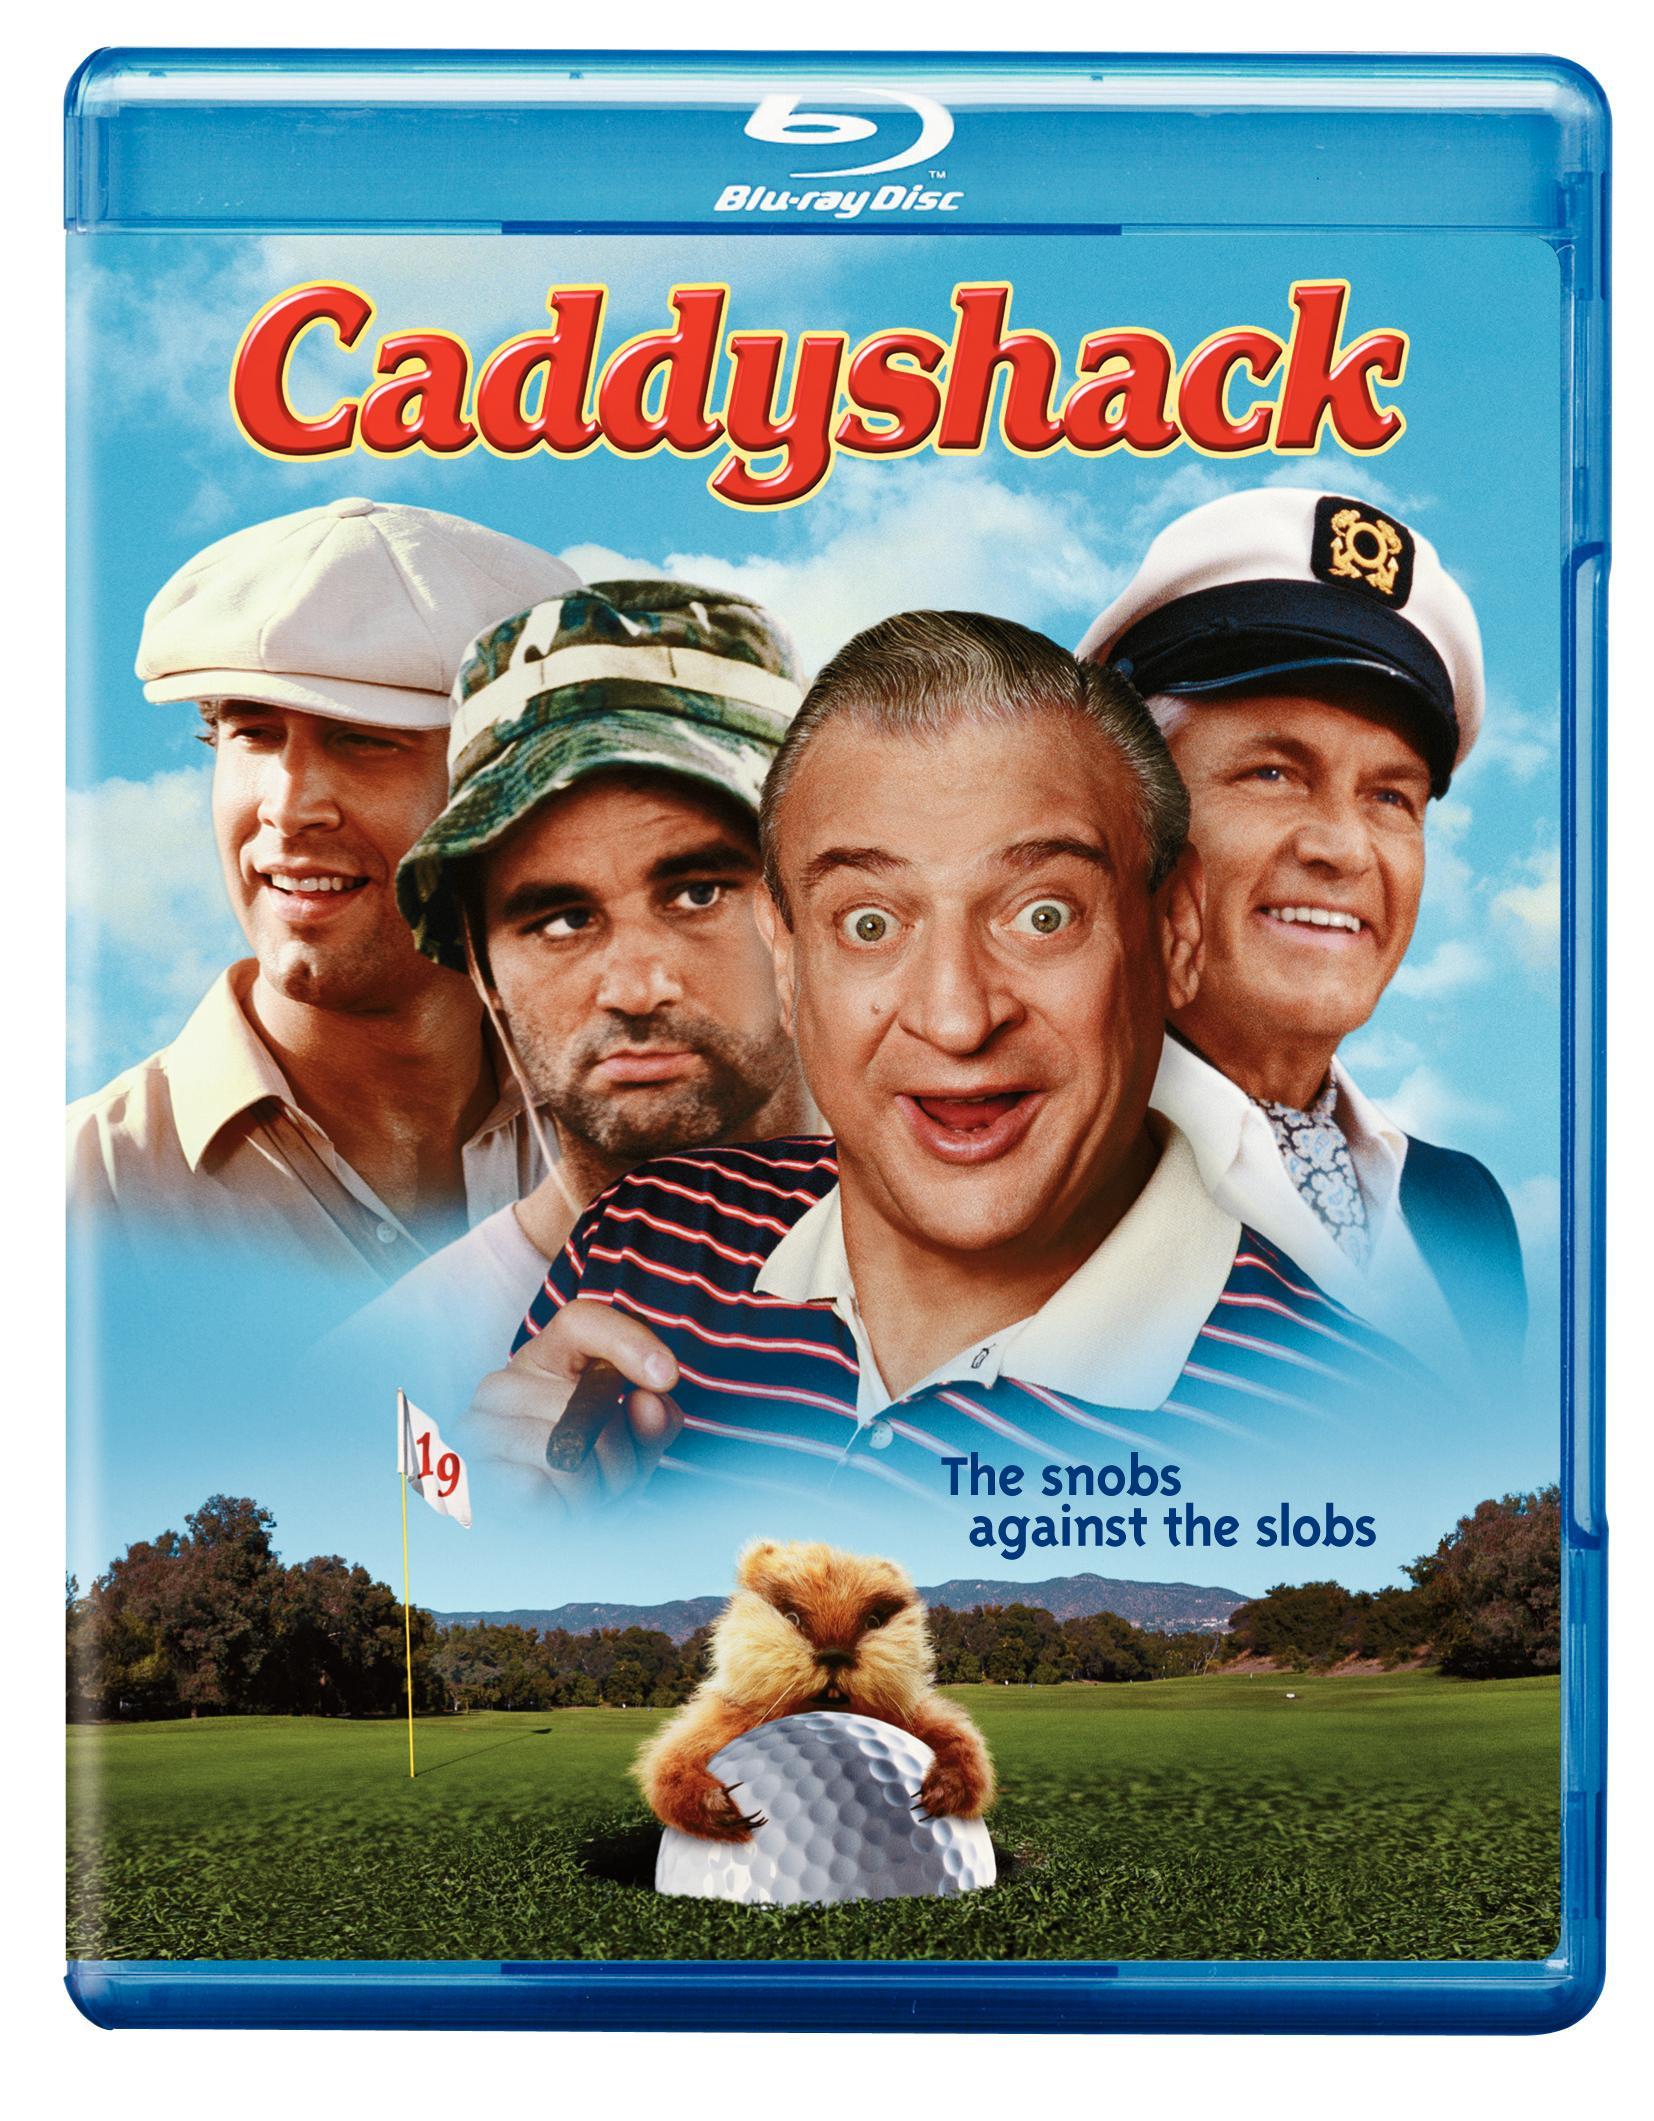 Caddyshack-movie-image-1